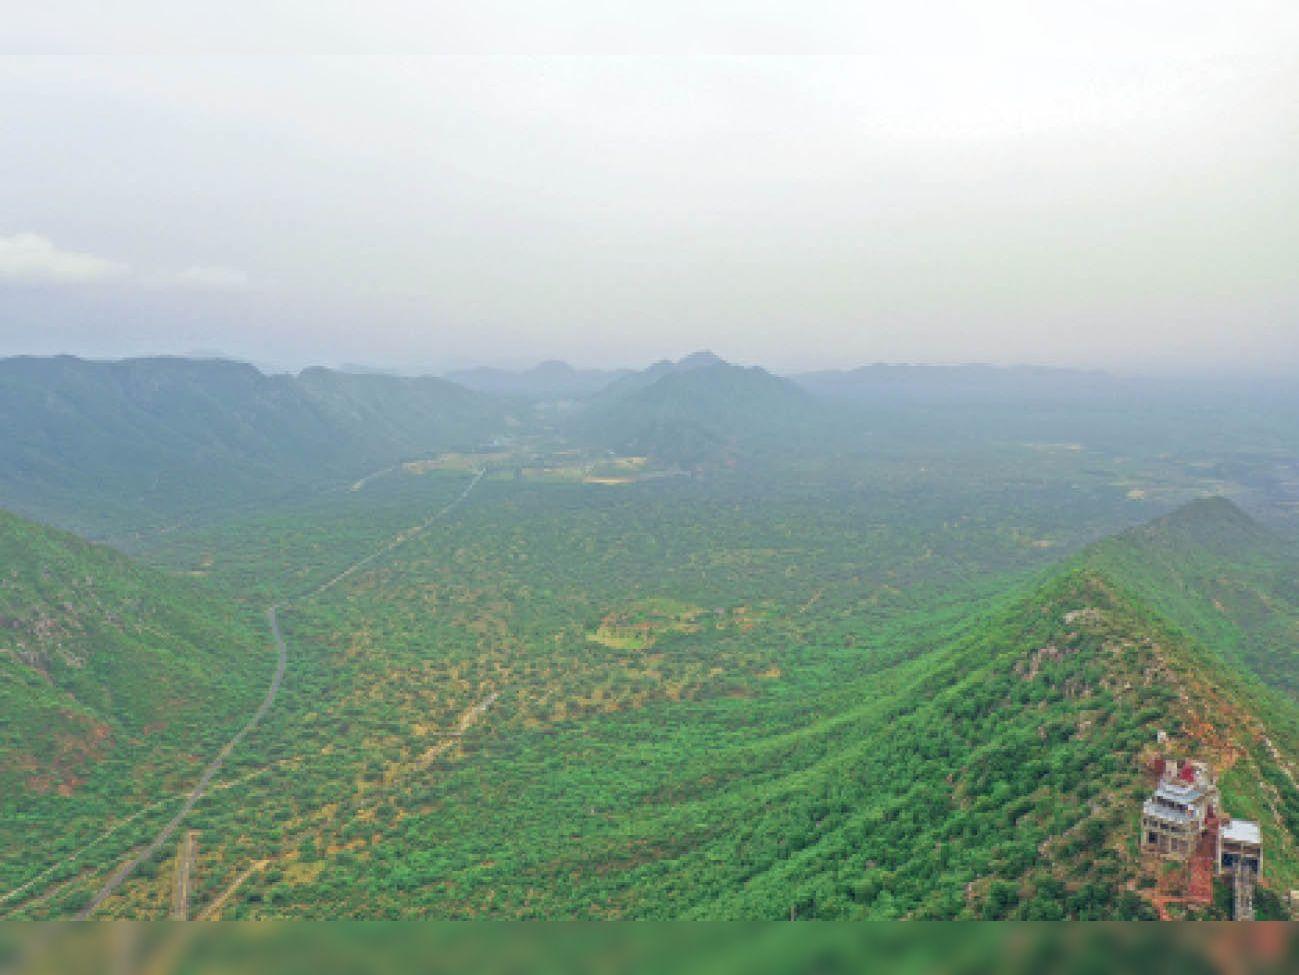 रत्नागिरी पहाड़ी से 300 फीट ऊपर ड्रोन से ली गई तस्वीर, फोटो | मुकेश परिहार - Dainik Bhaskar